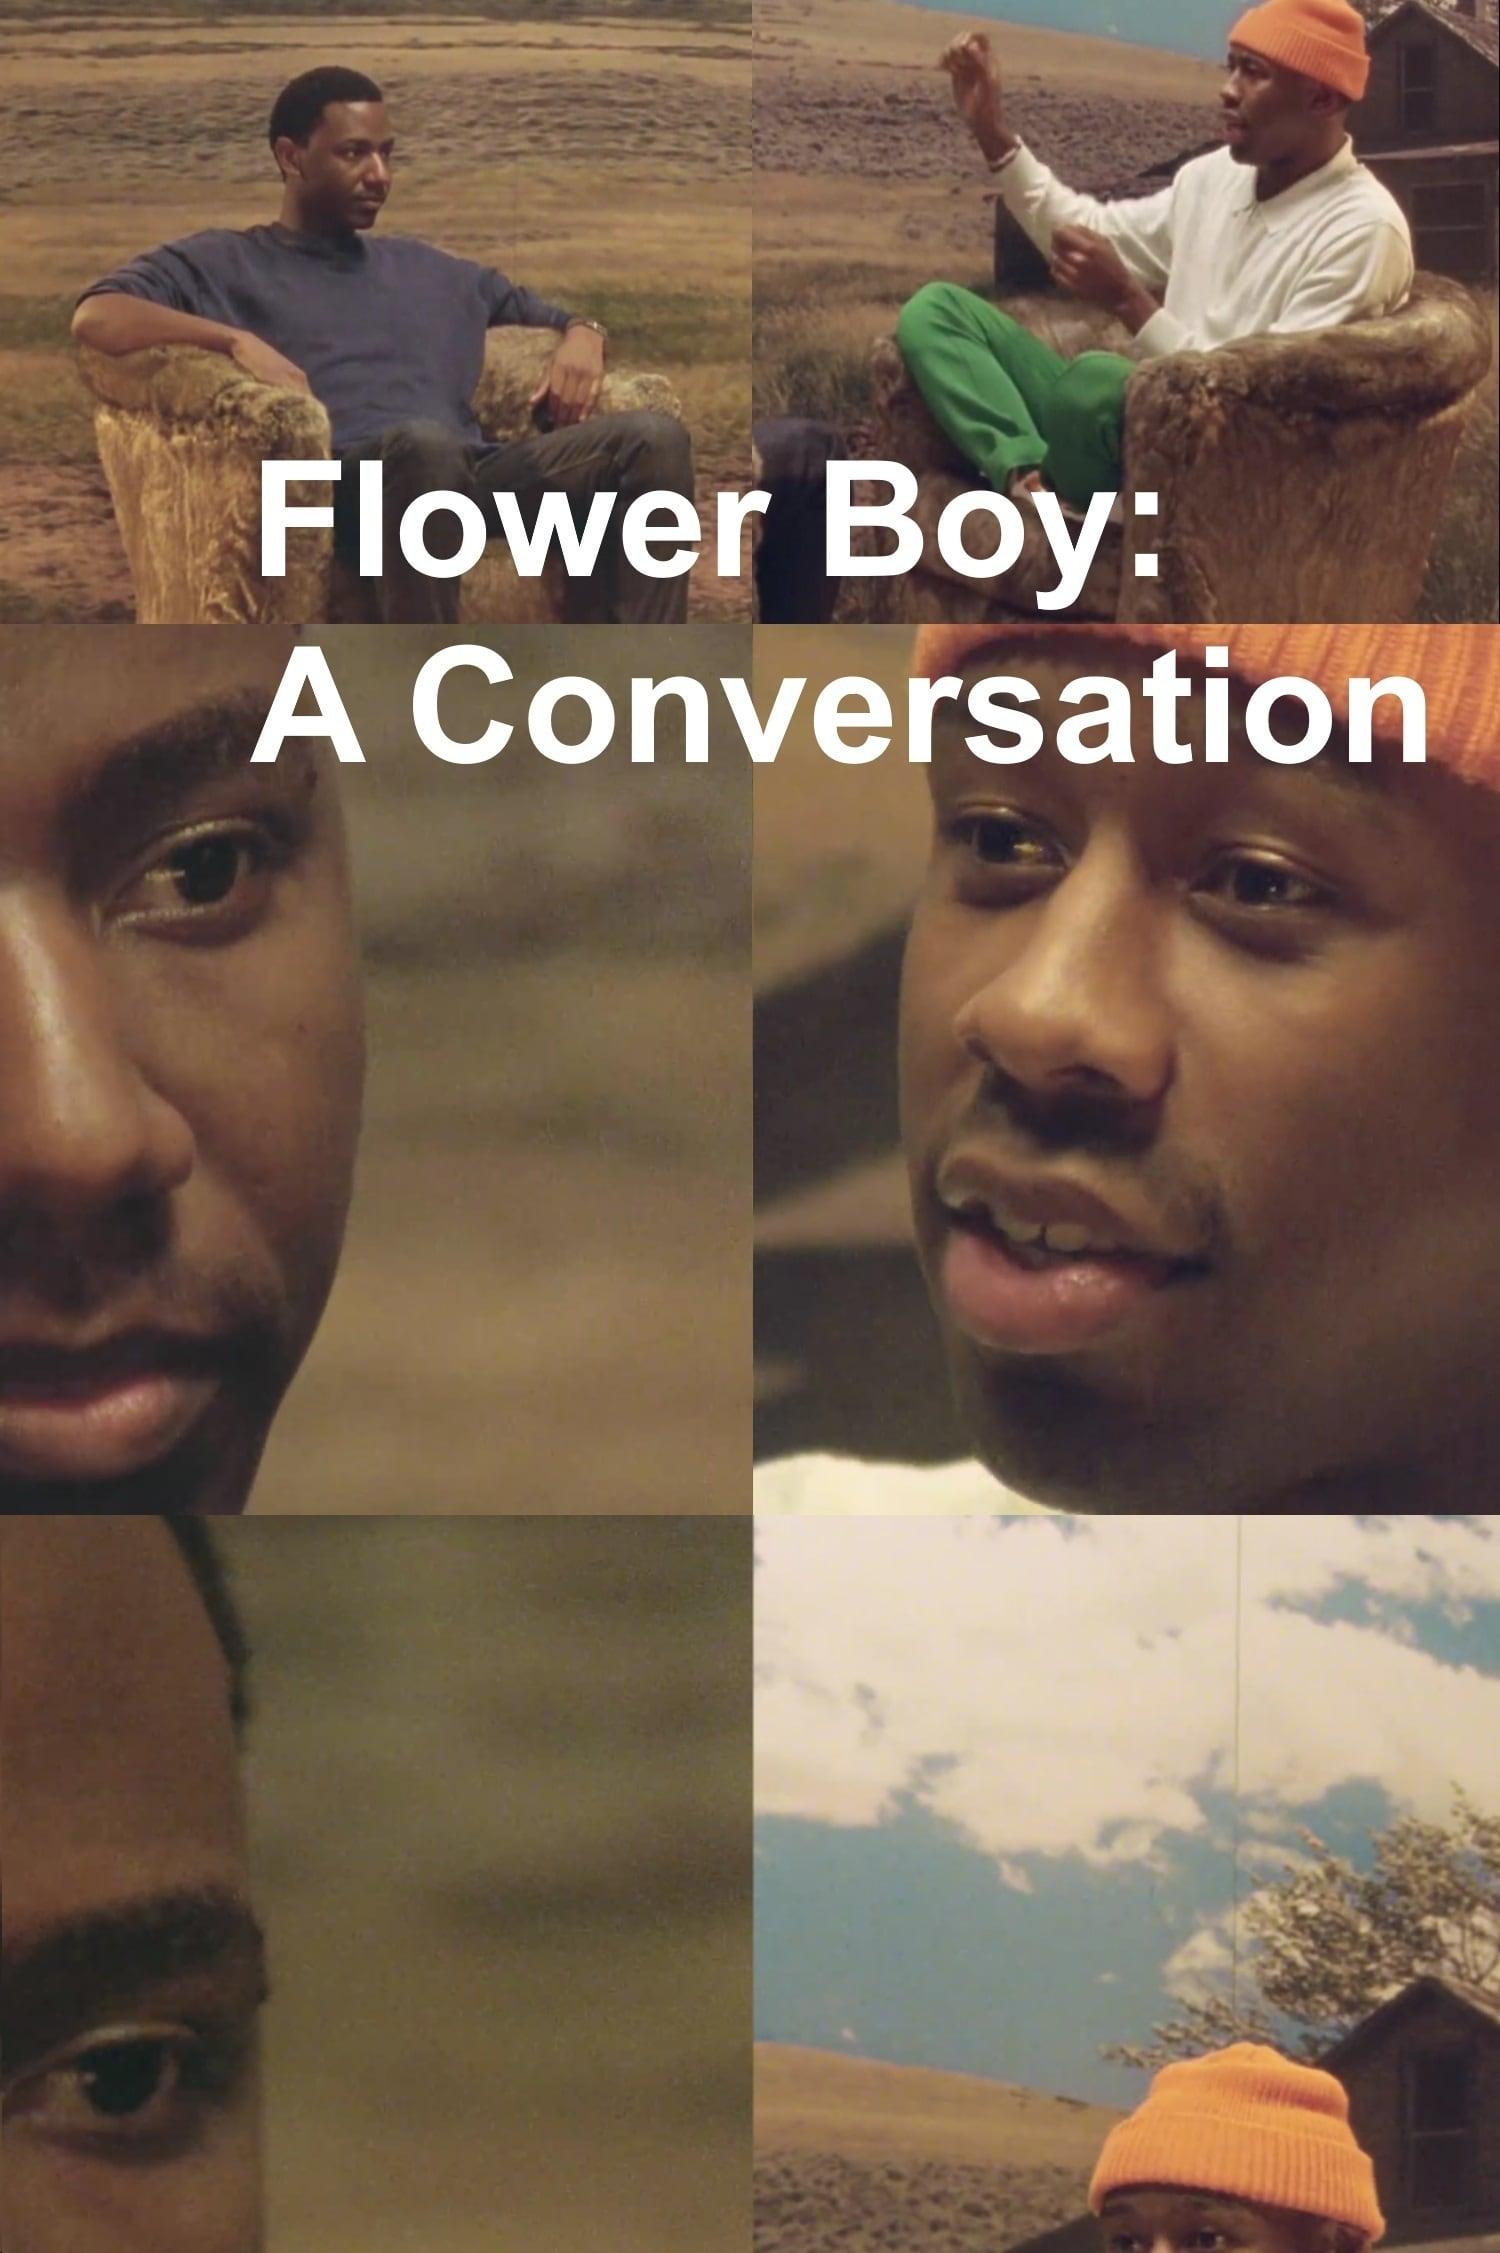 Flower Boy: A Conversation